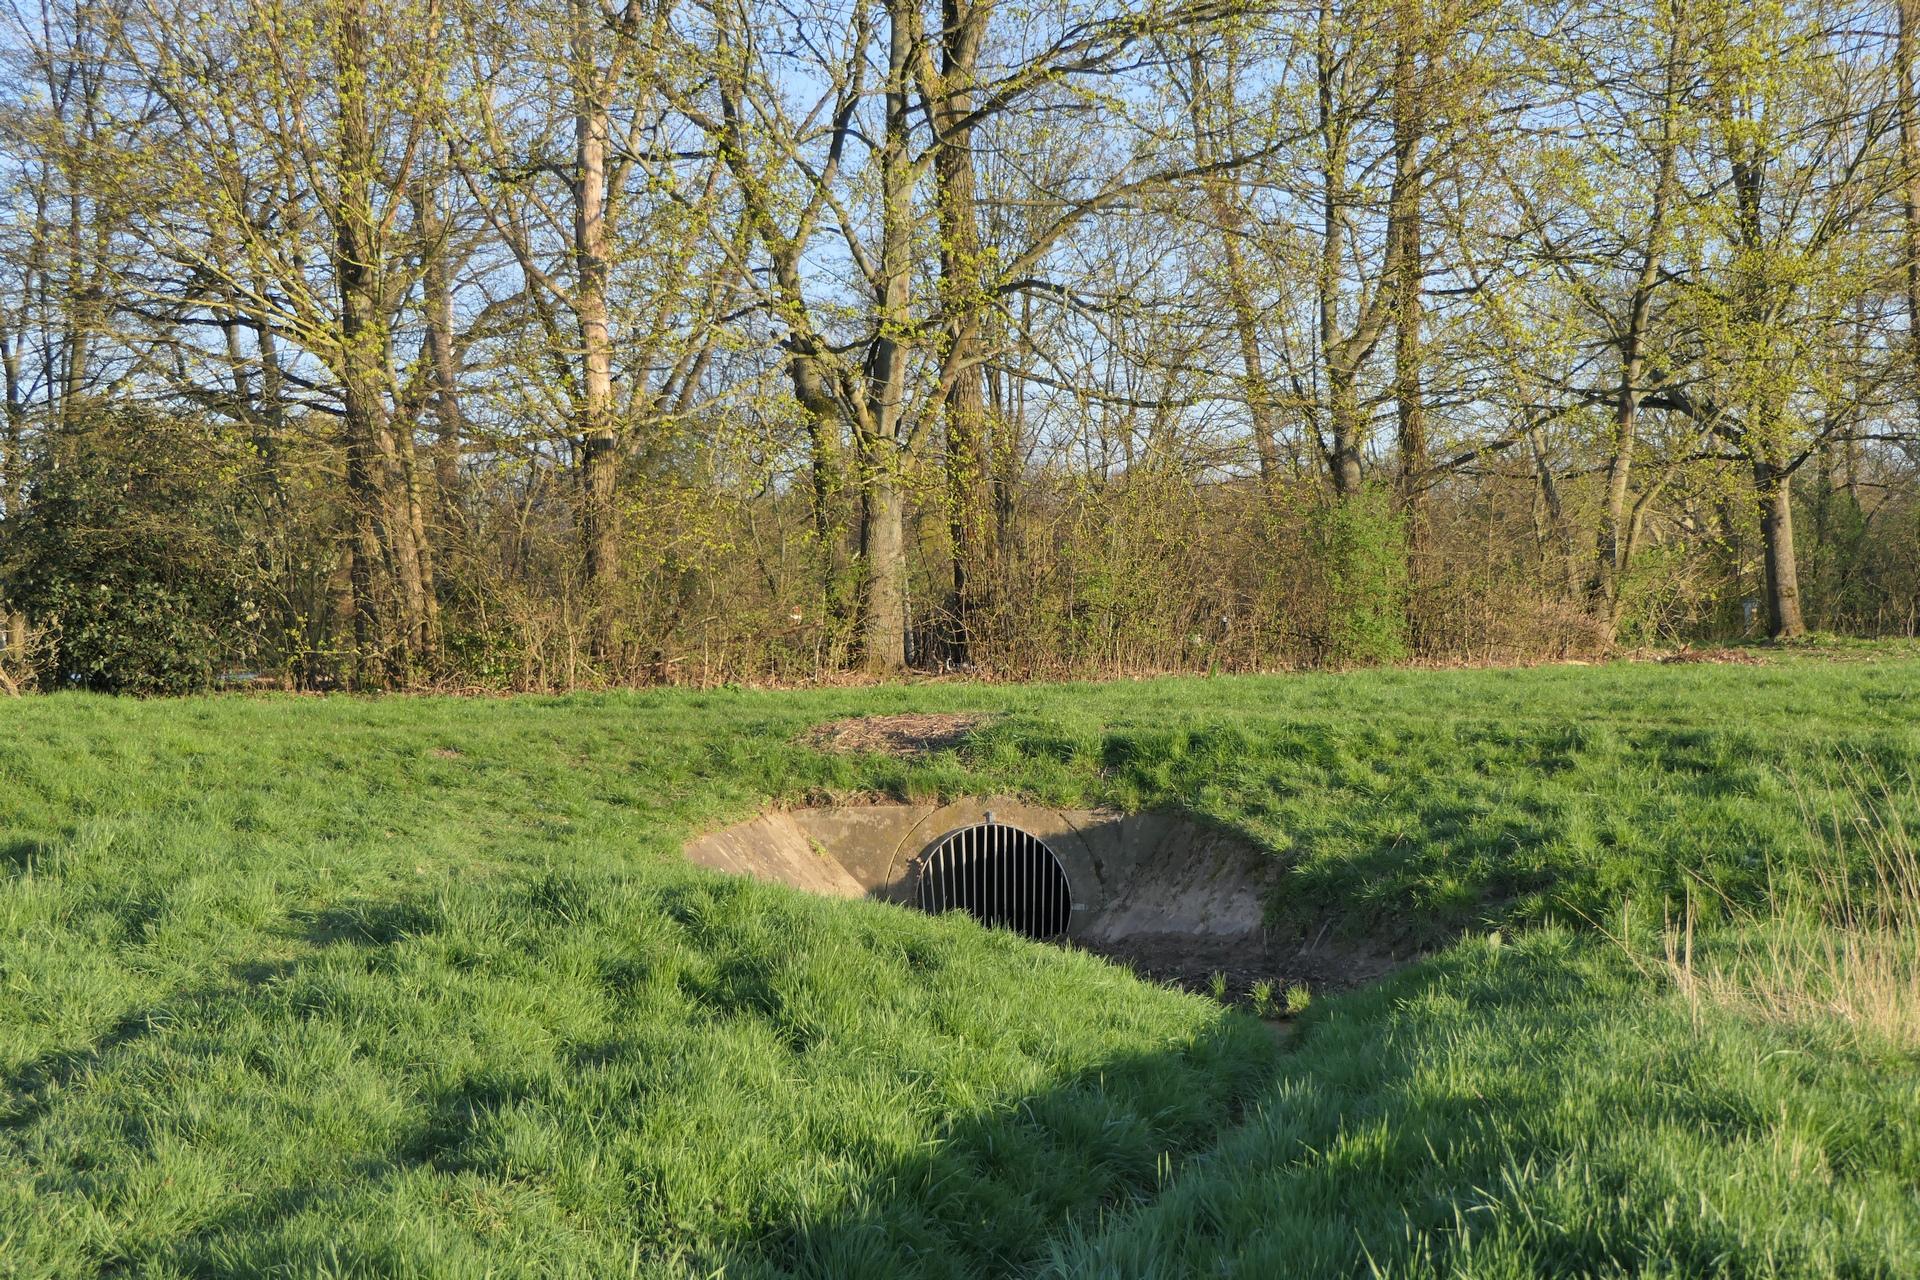 Zusammenfluss zweier Gräben nahe der Jahrhunderhalle, Frankfurt am Main Unterliederbach